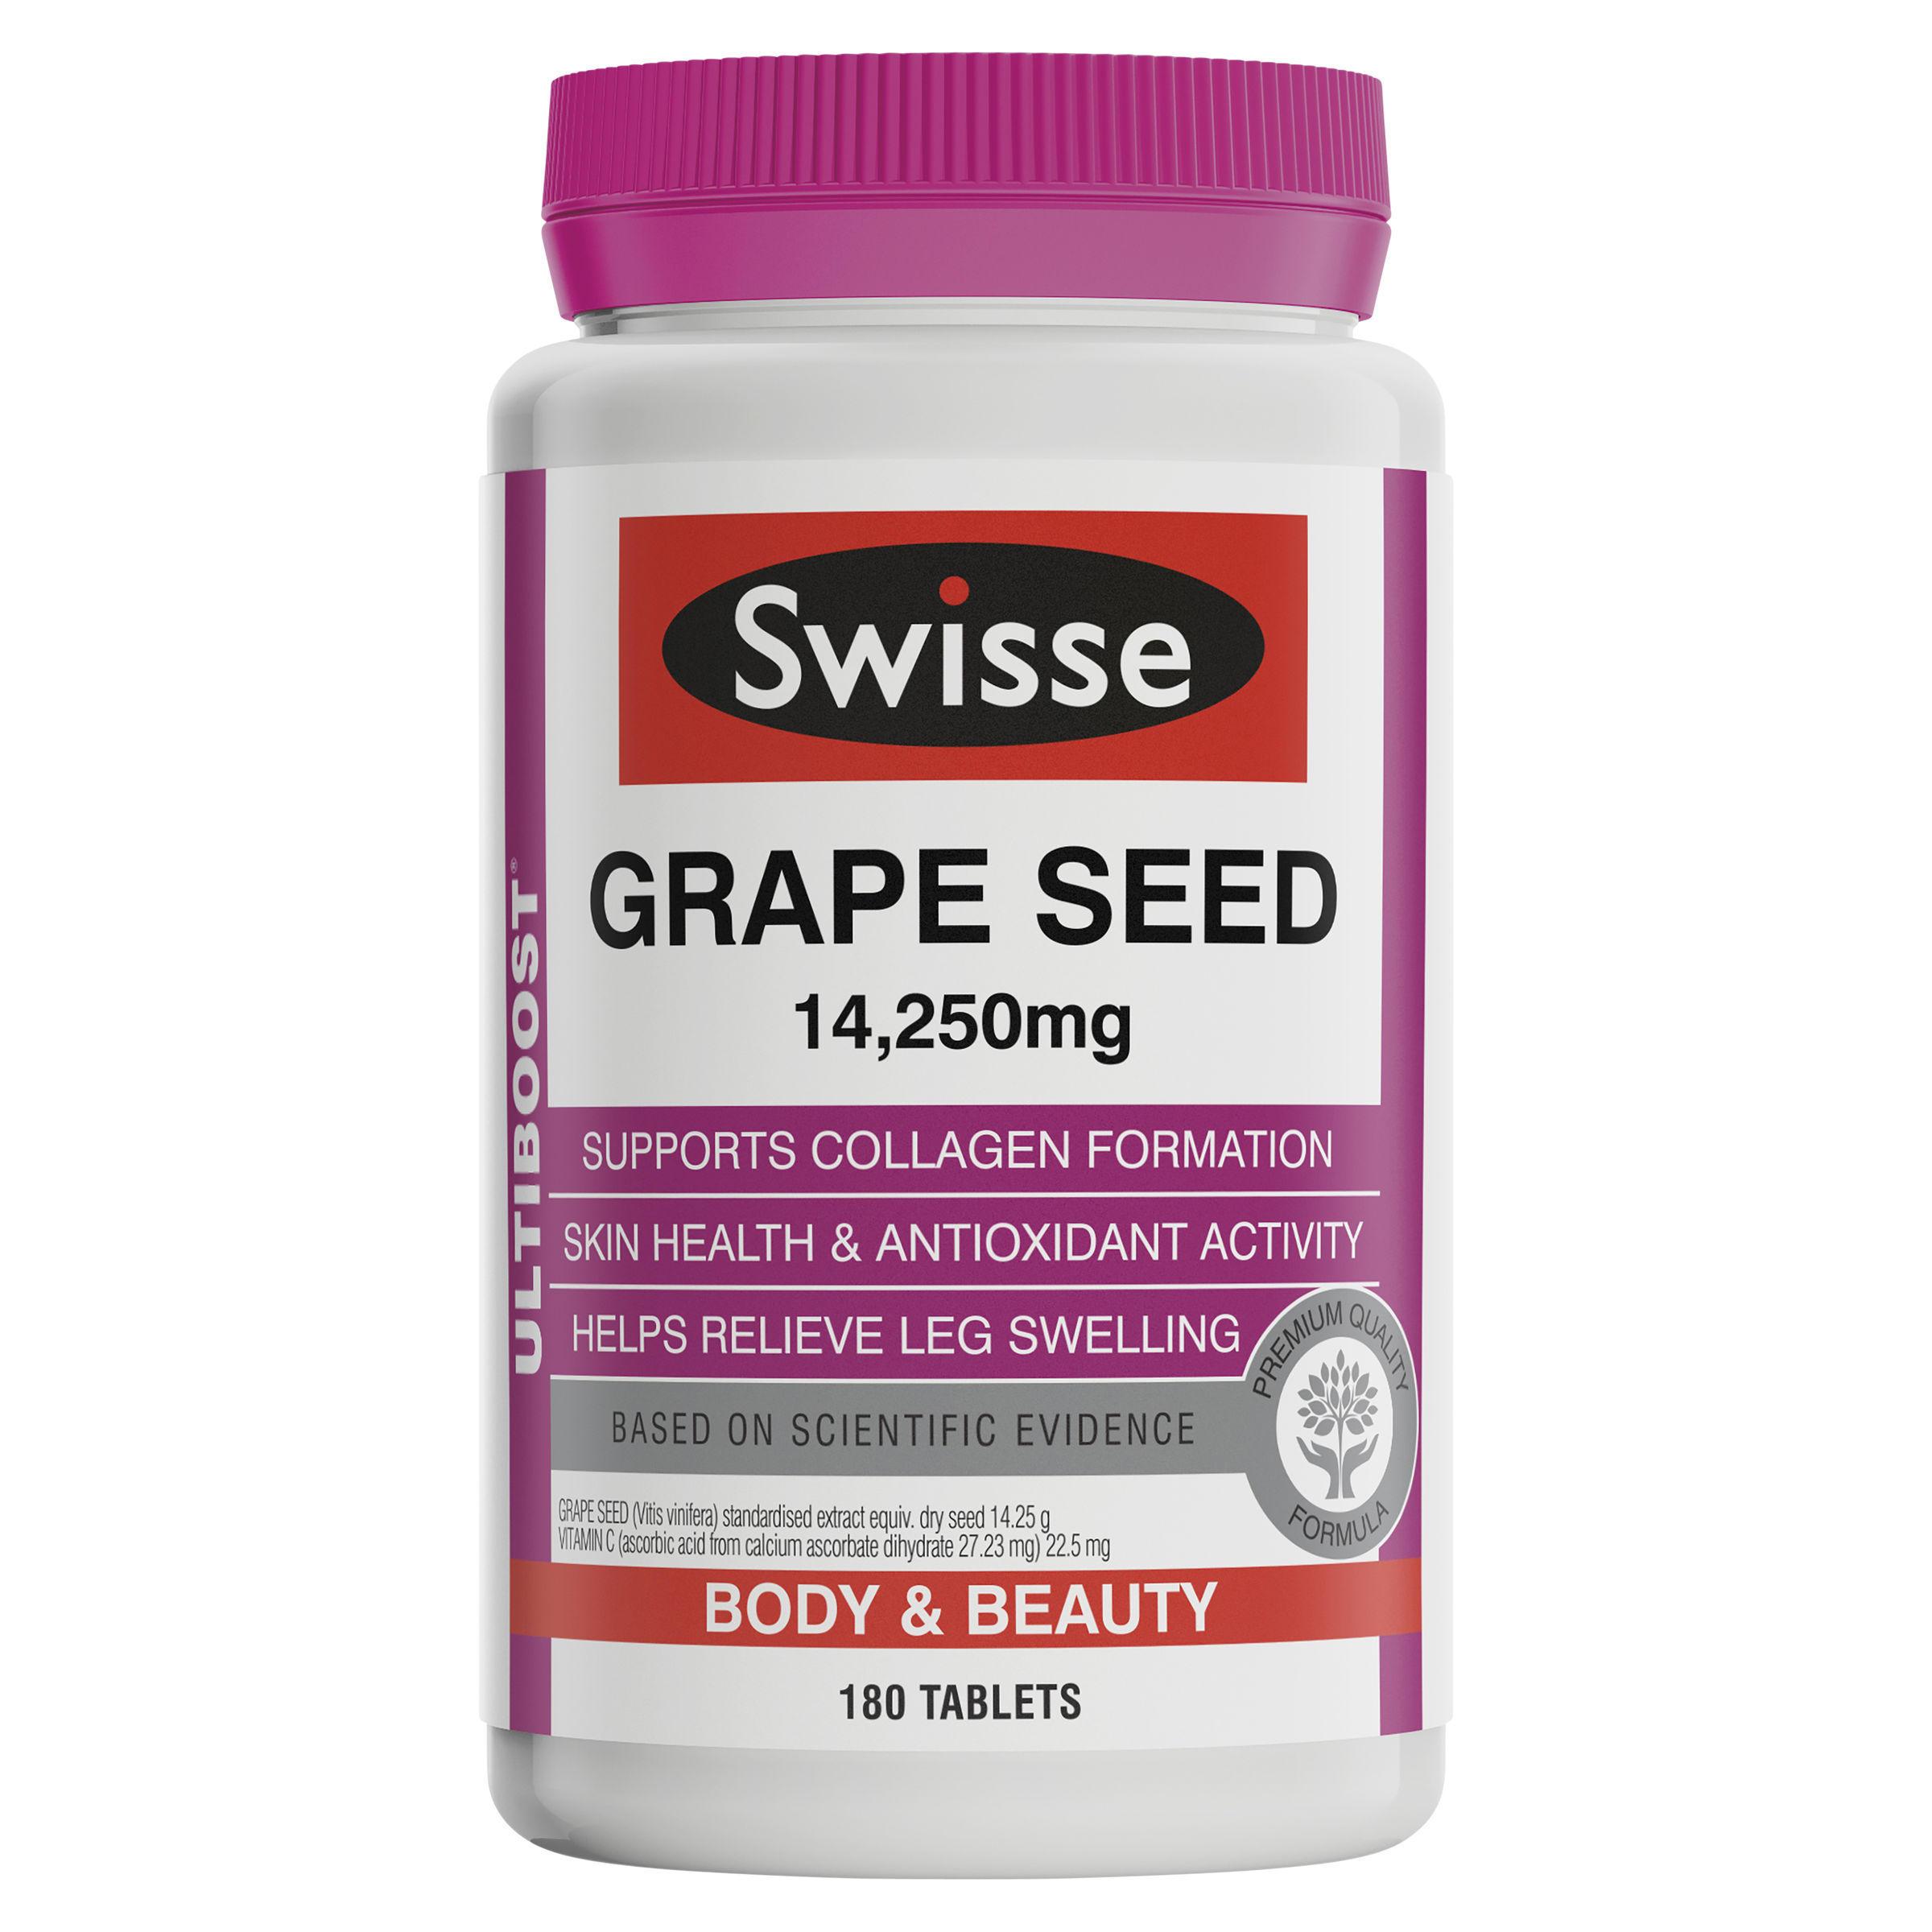 Swisse 澳洲葡萄籽精华 180粒(天然抗氧化)